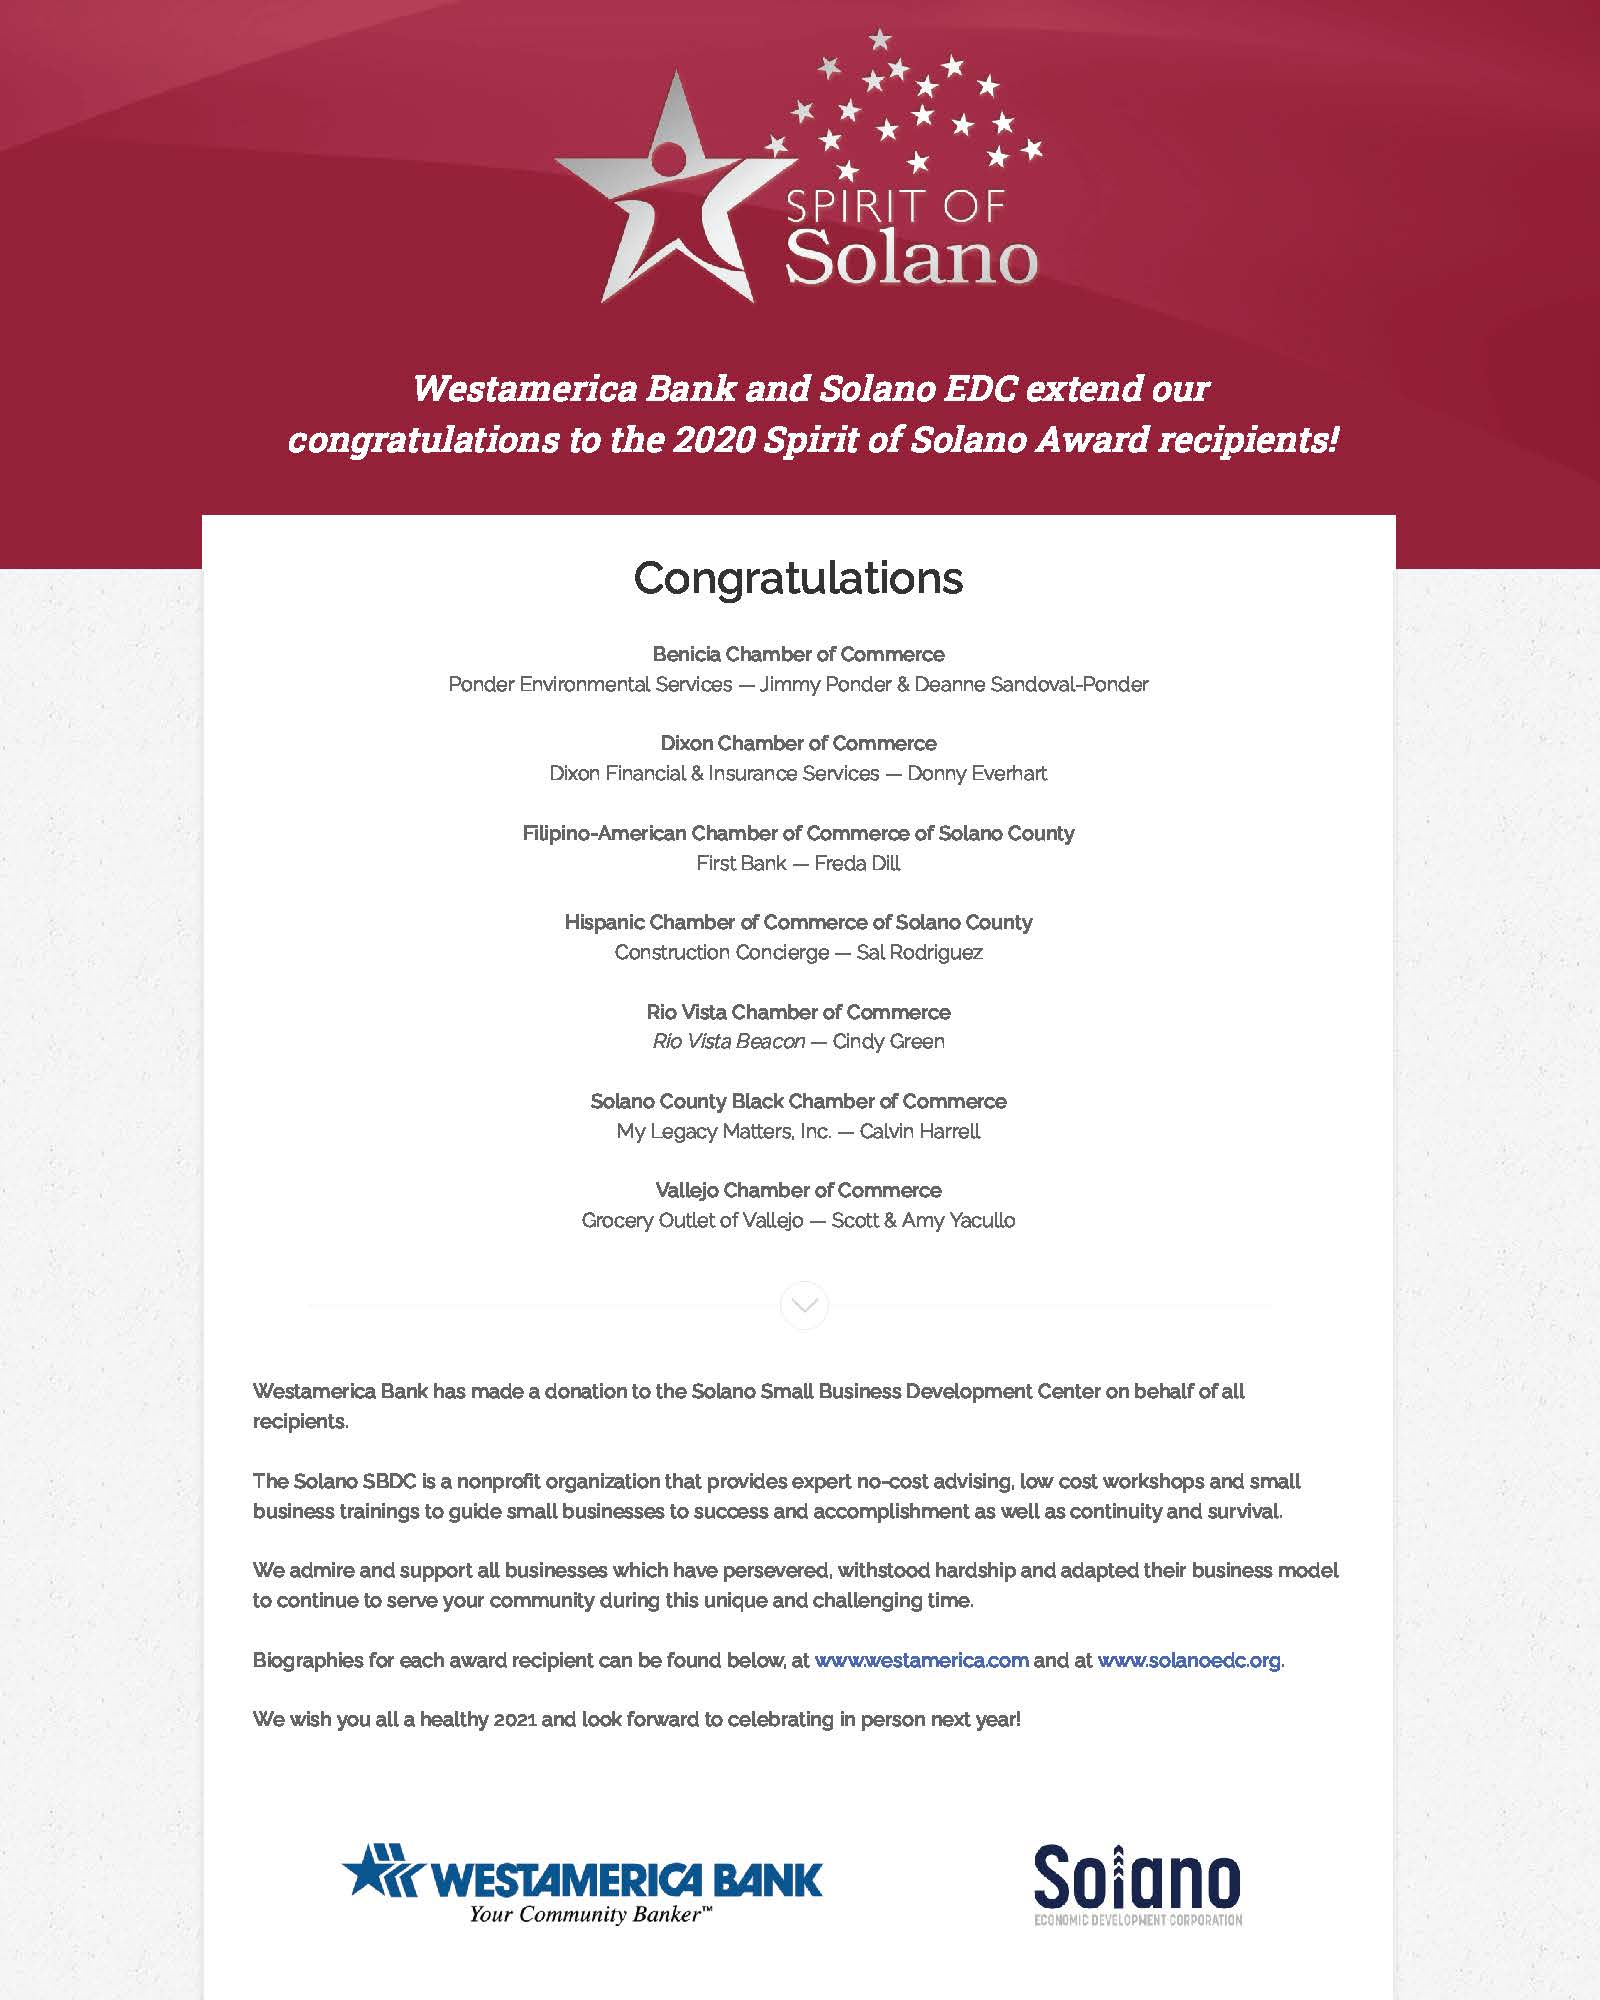 2020 Spirit of Solano Recipients blog featured image